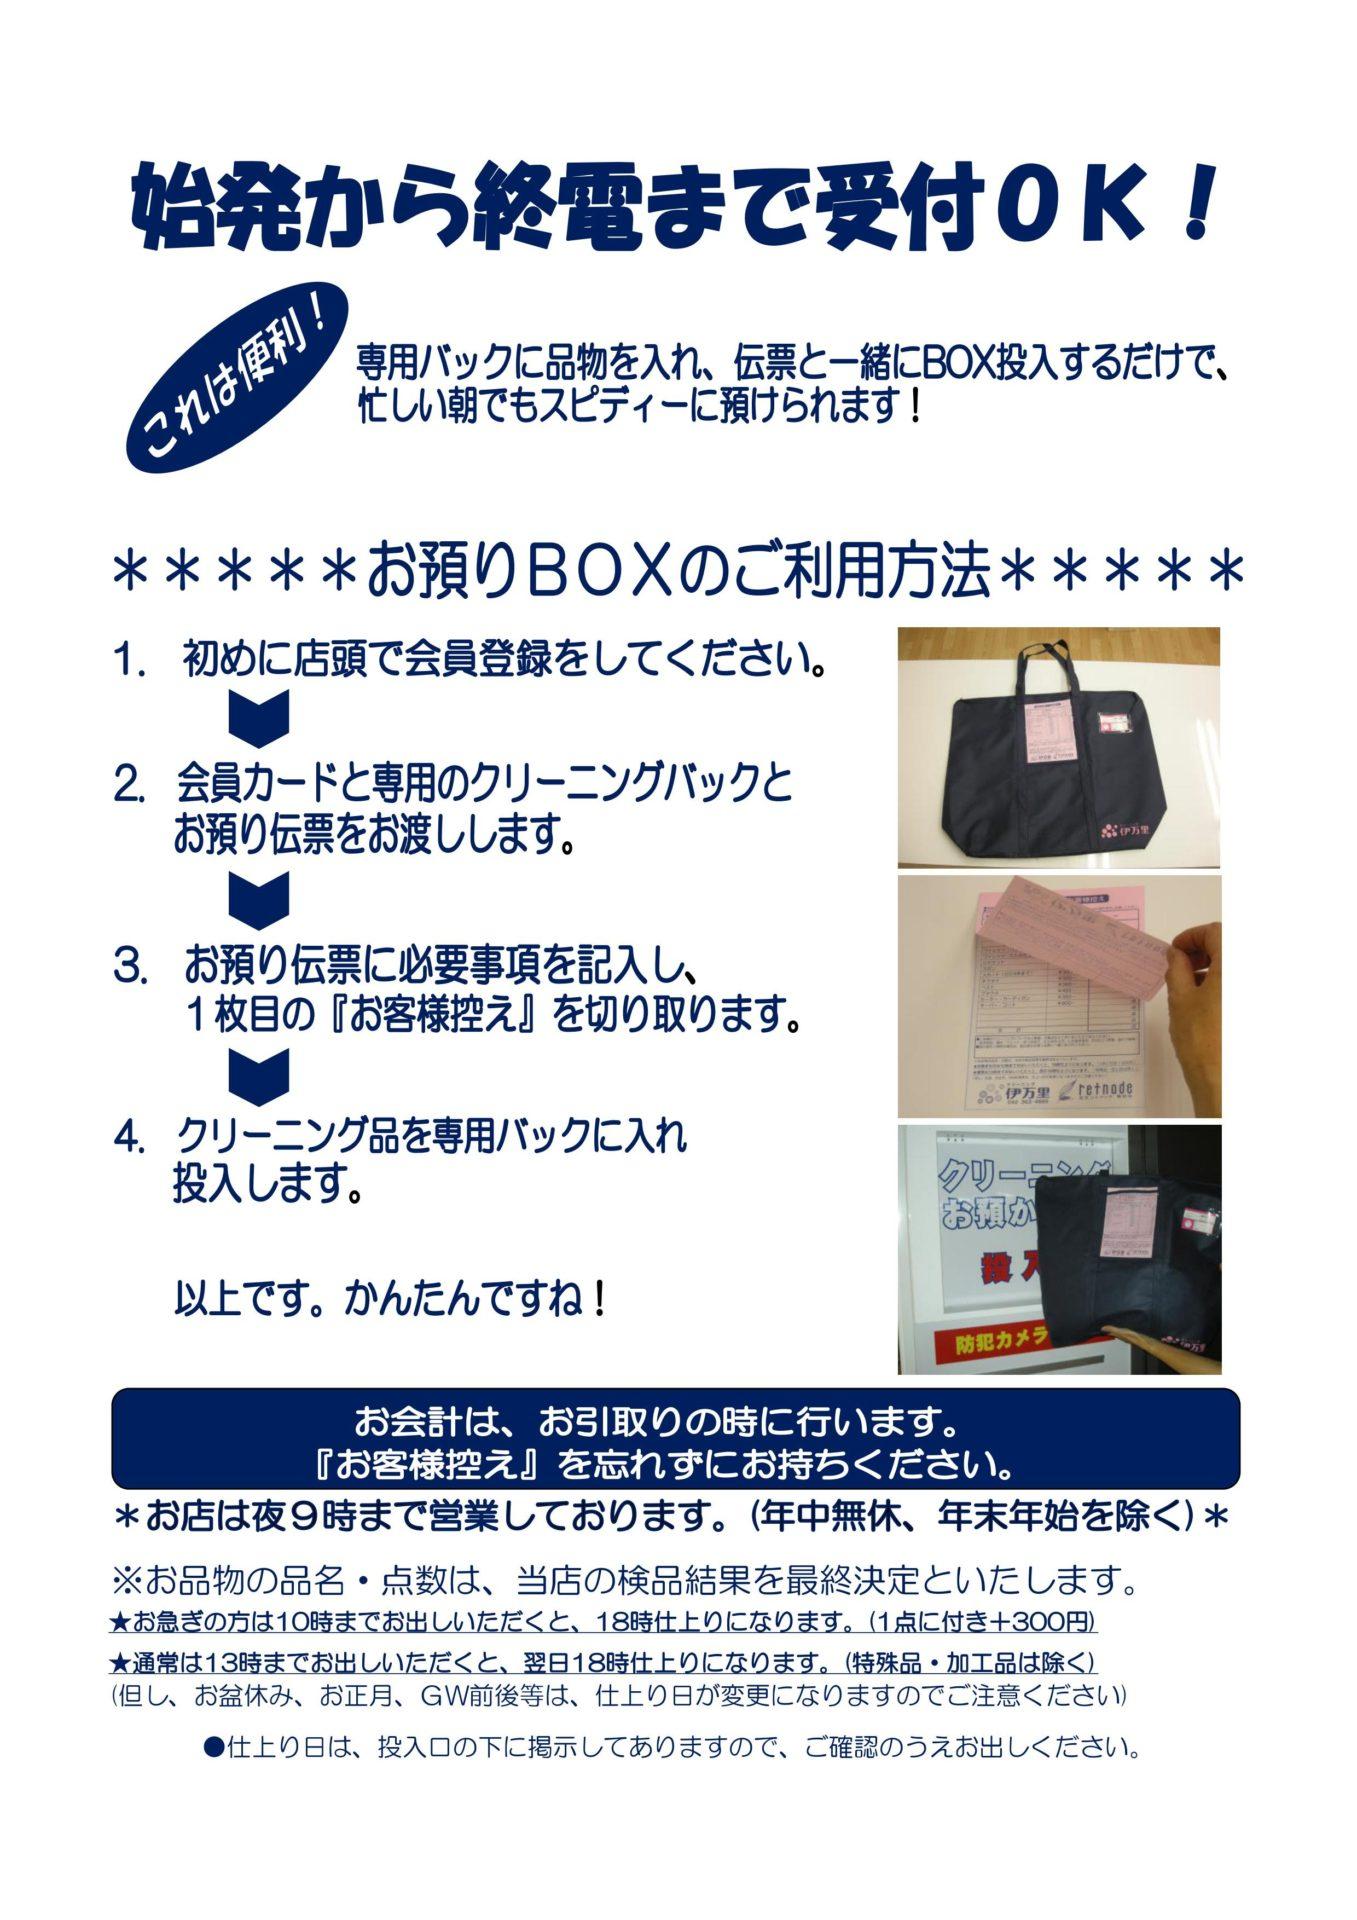 クリーニング伊万里 京王リトナード東府中店 お預りBOX